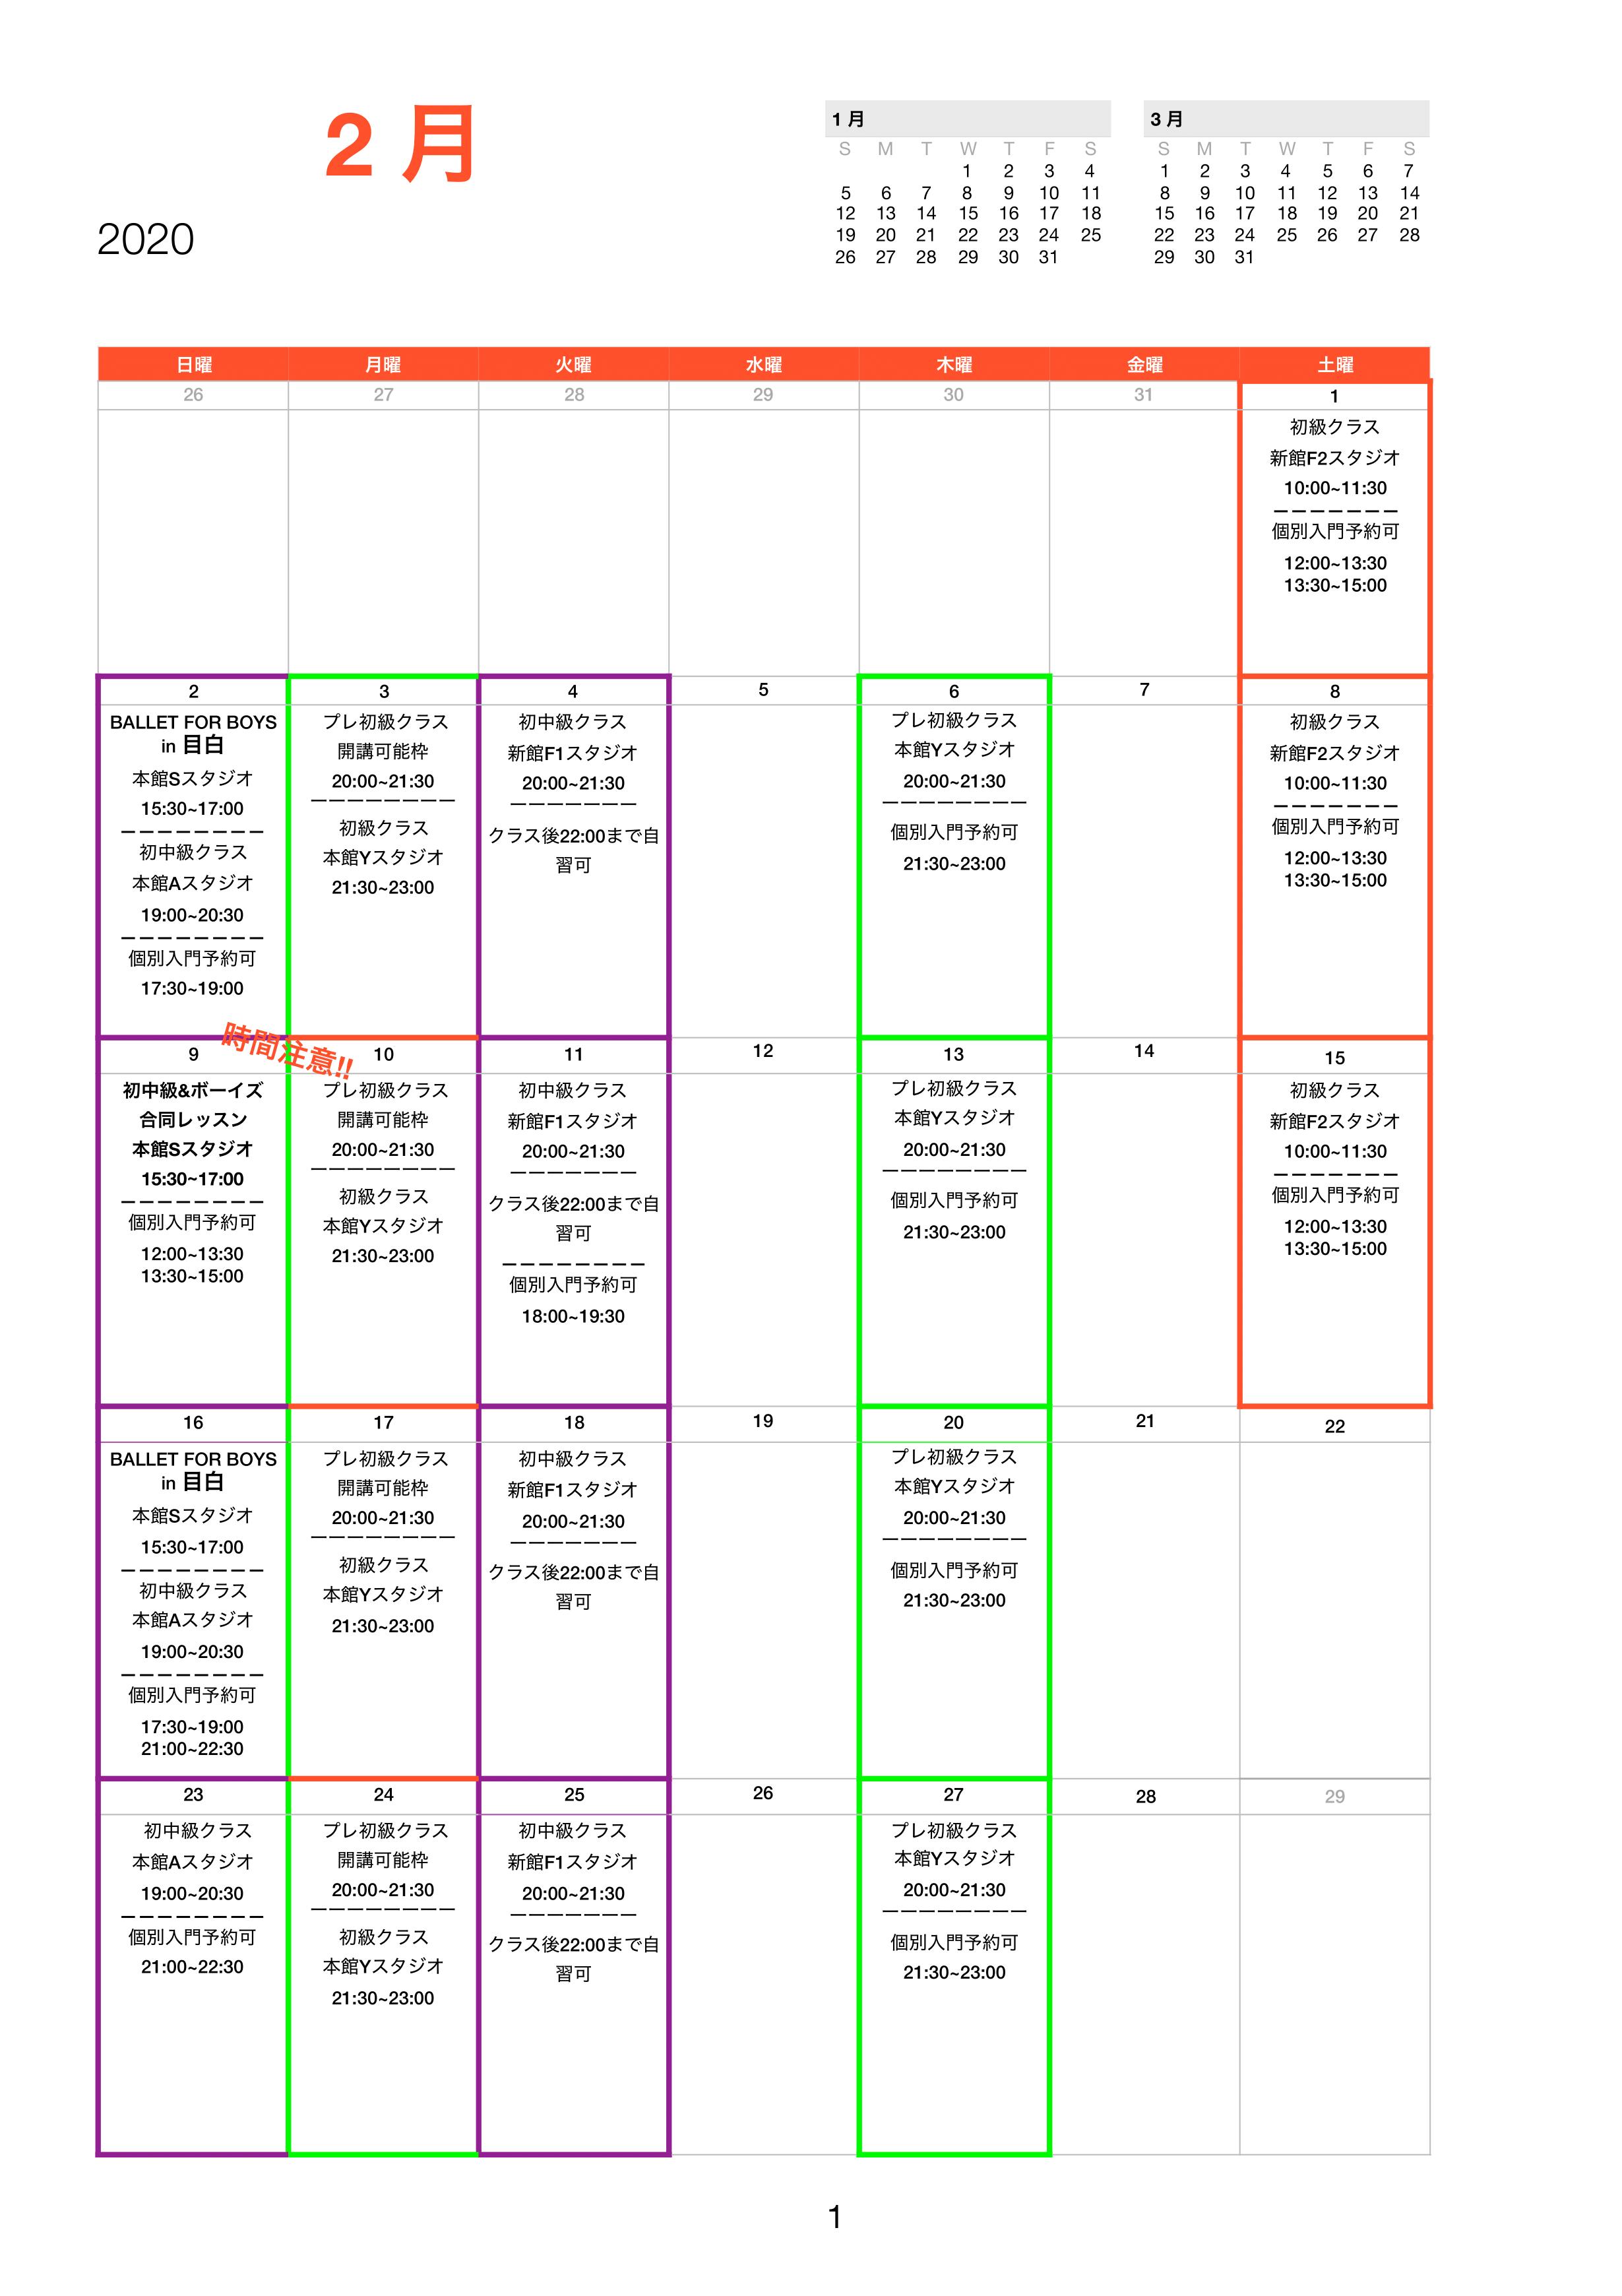 BFMsch2020:2v3-1